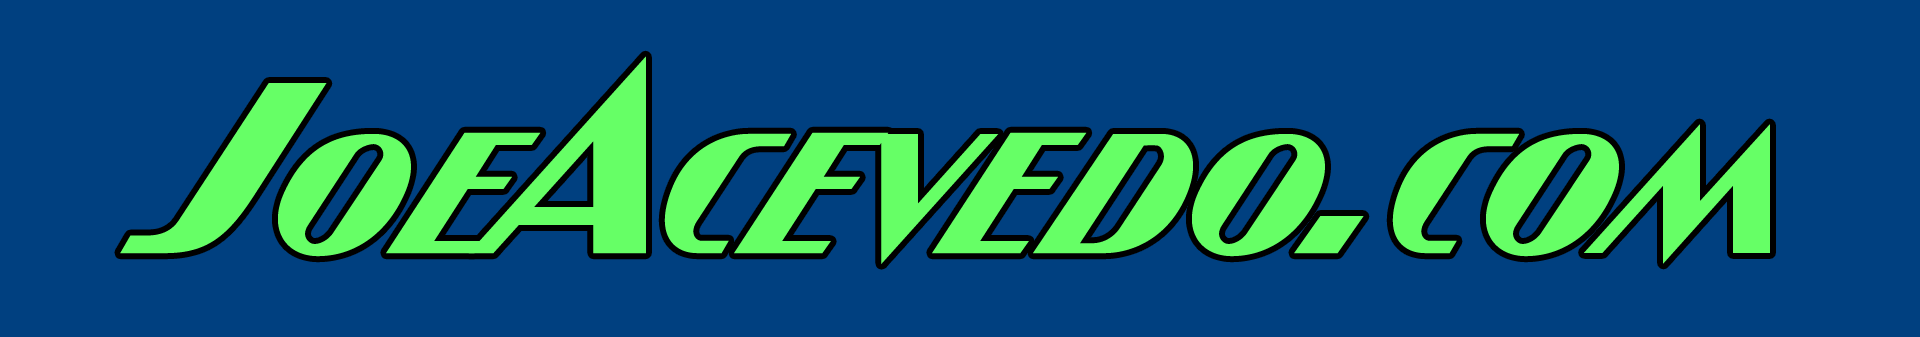 JoeAcevedo.com